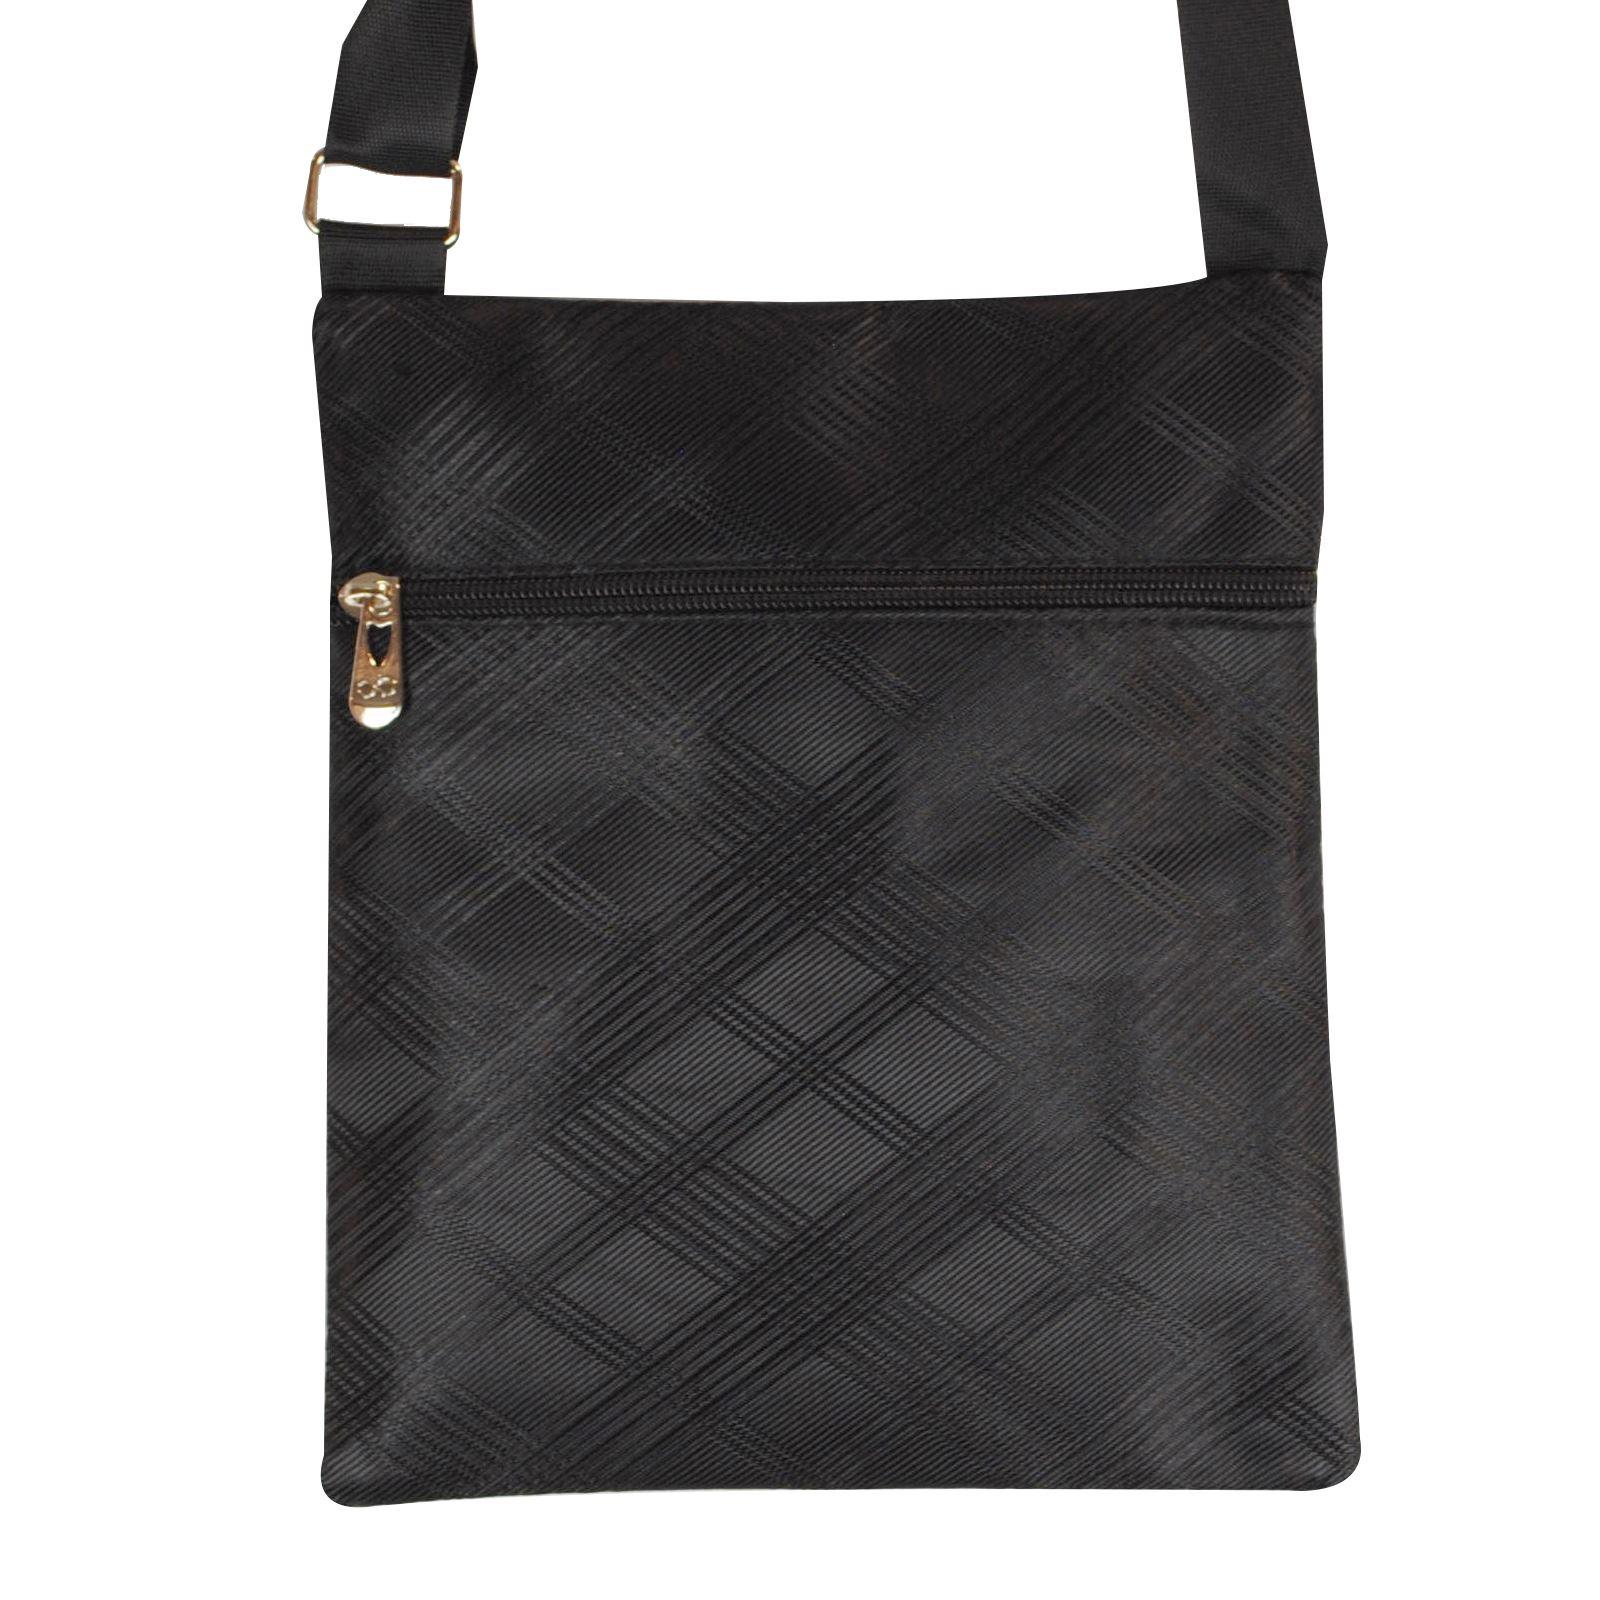 Mens check Pattern Shoulder Small Bag Organiser Zip Up Pockets Adjustable Strap